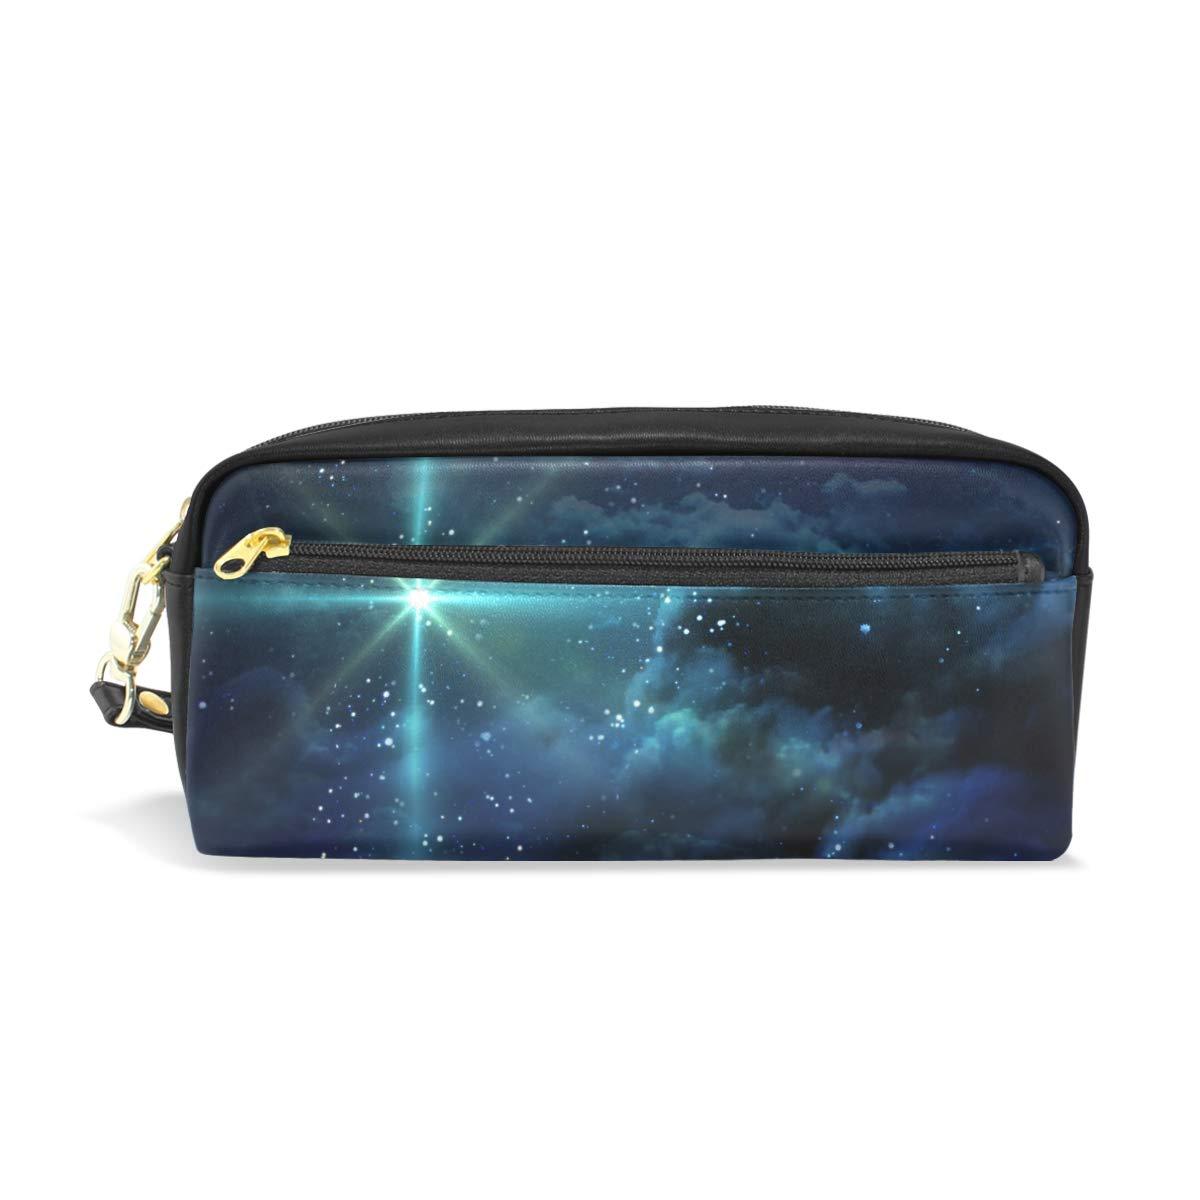 Starry Night Sky - color Estuche escolar, color - azul oscuro, para niños, gran capacidad, bolsa de maquillaje y cosméticos a98ed2